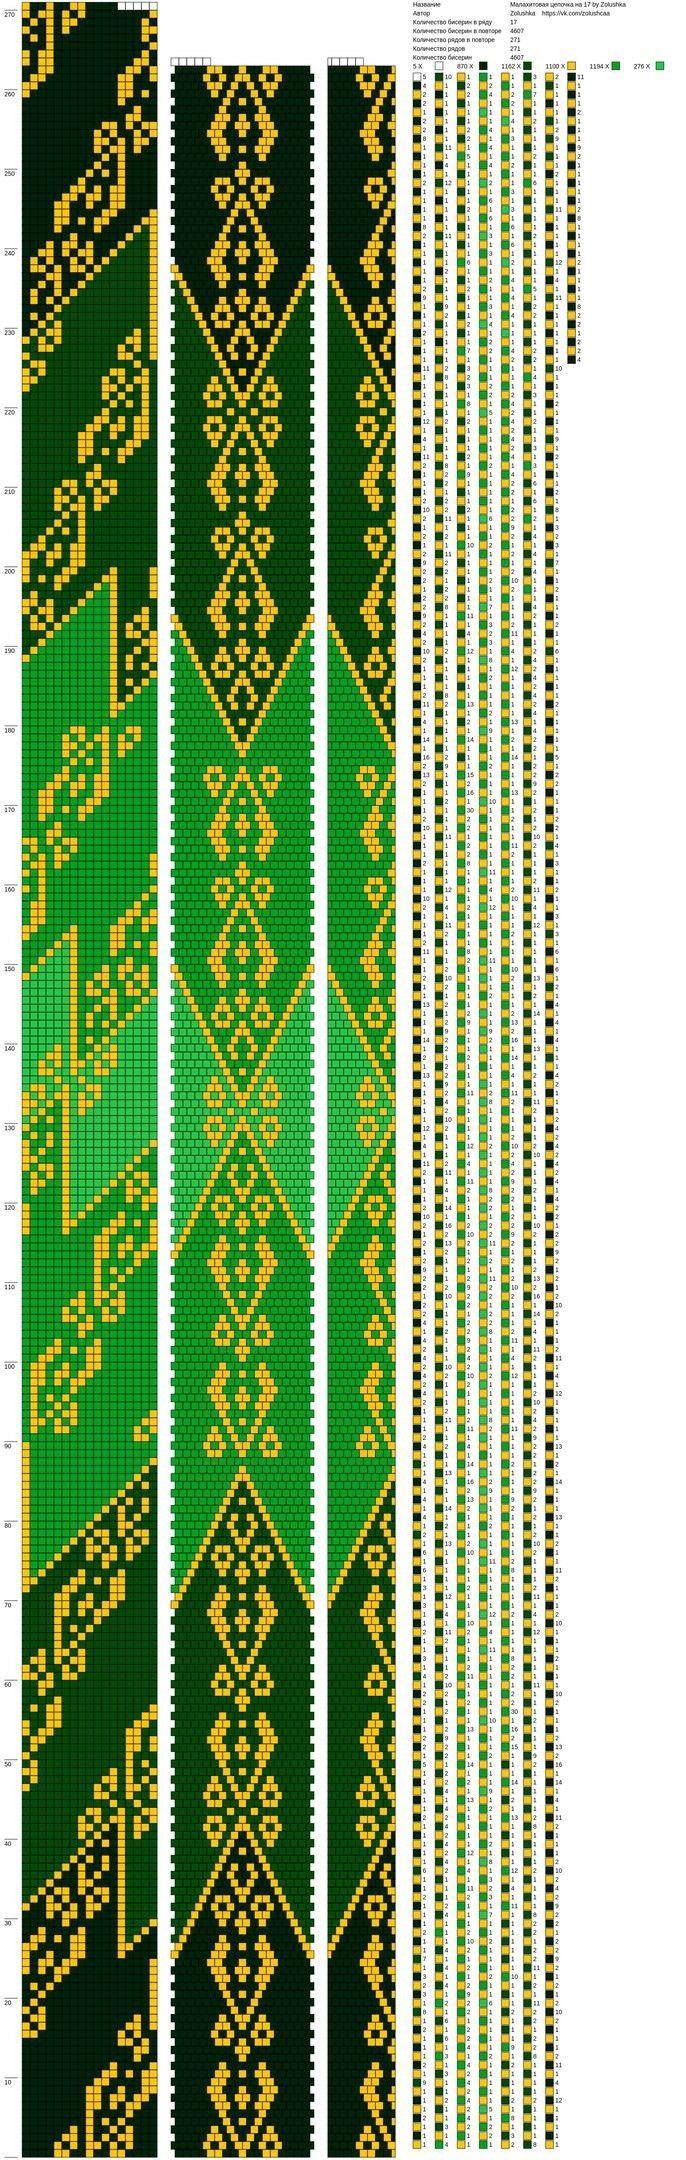 схема плетения круглого шнура из натуральной кожи